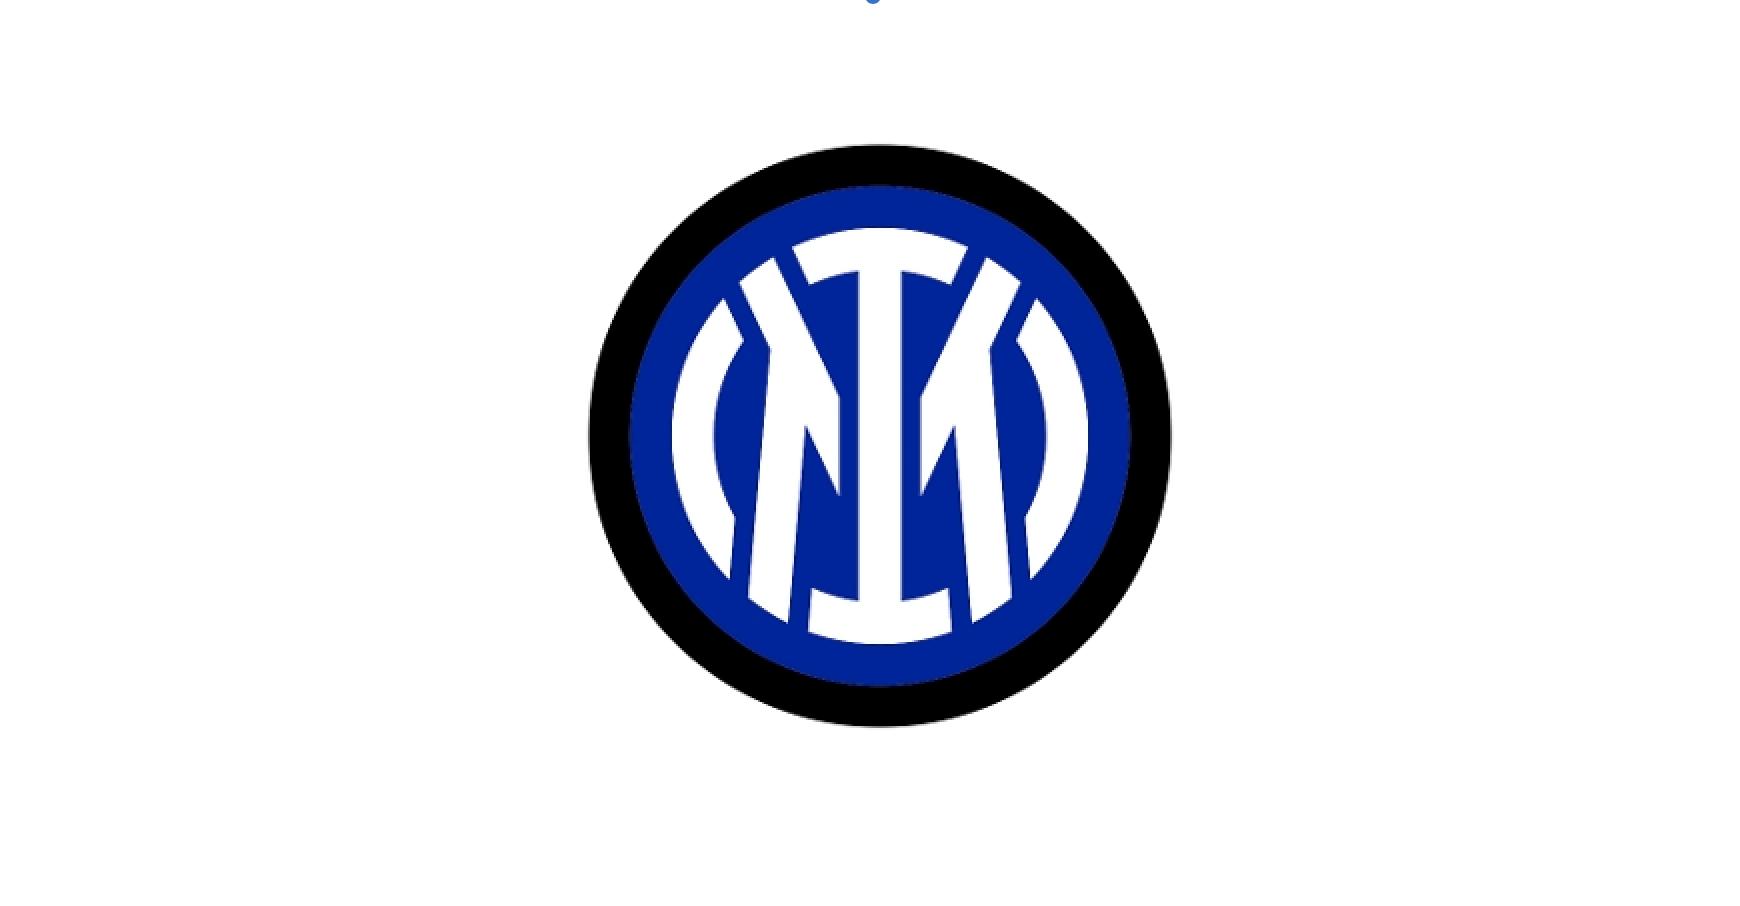 Nuovo logo FC Inter: il racconto di una storia già scritta e un'altra ancora da realizzare